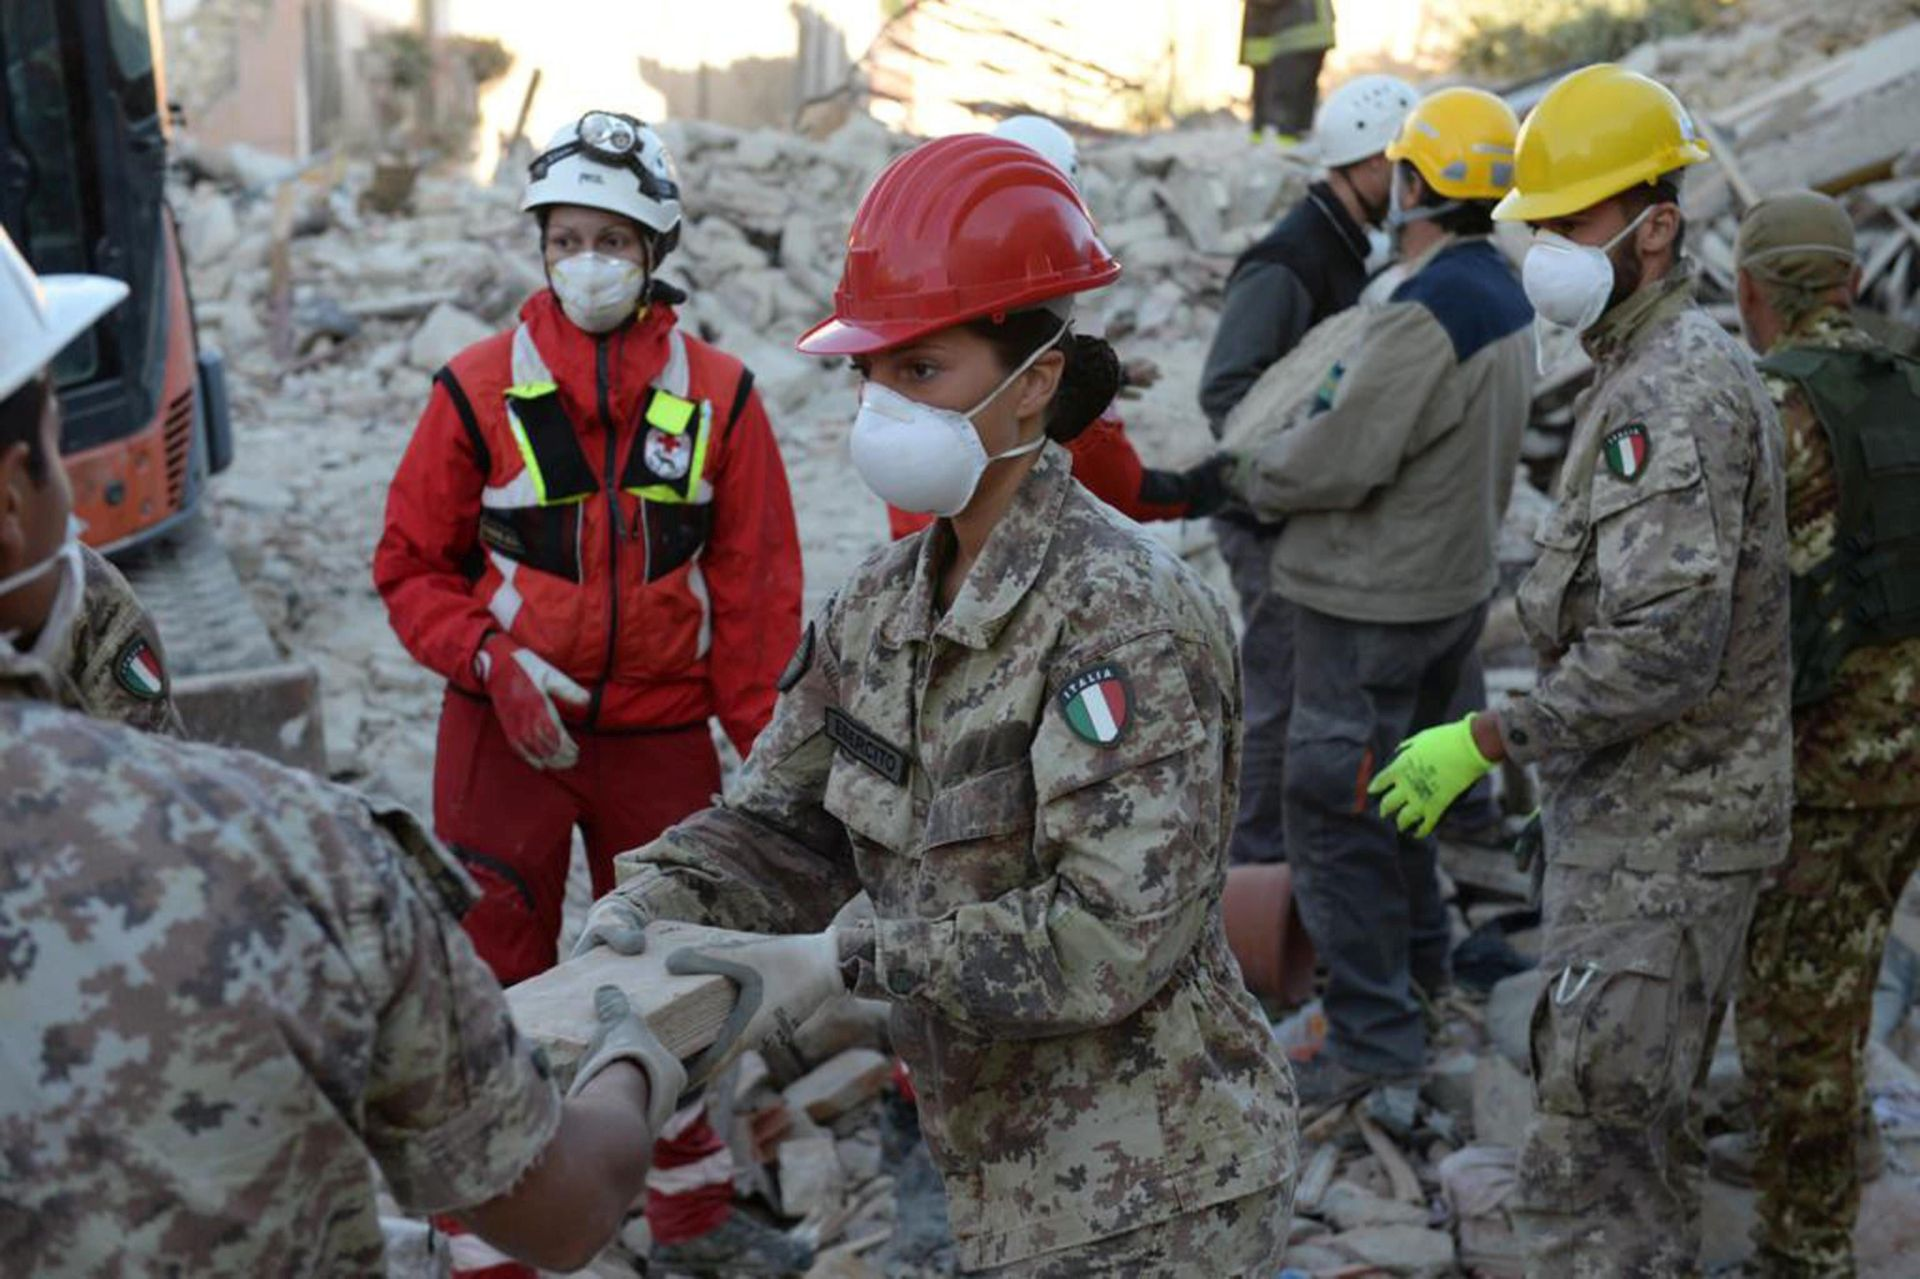 POTRAGA SE NASTAVLJA: U potresu u Italiji 278 mrtvih, u subotu dan žalosti